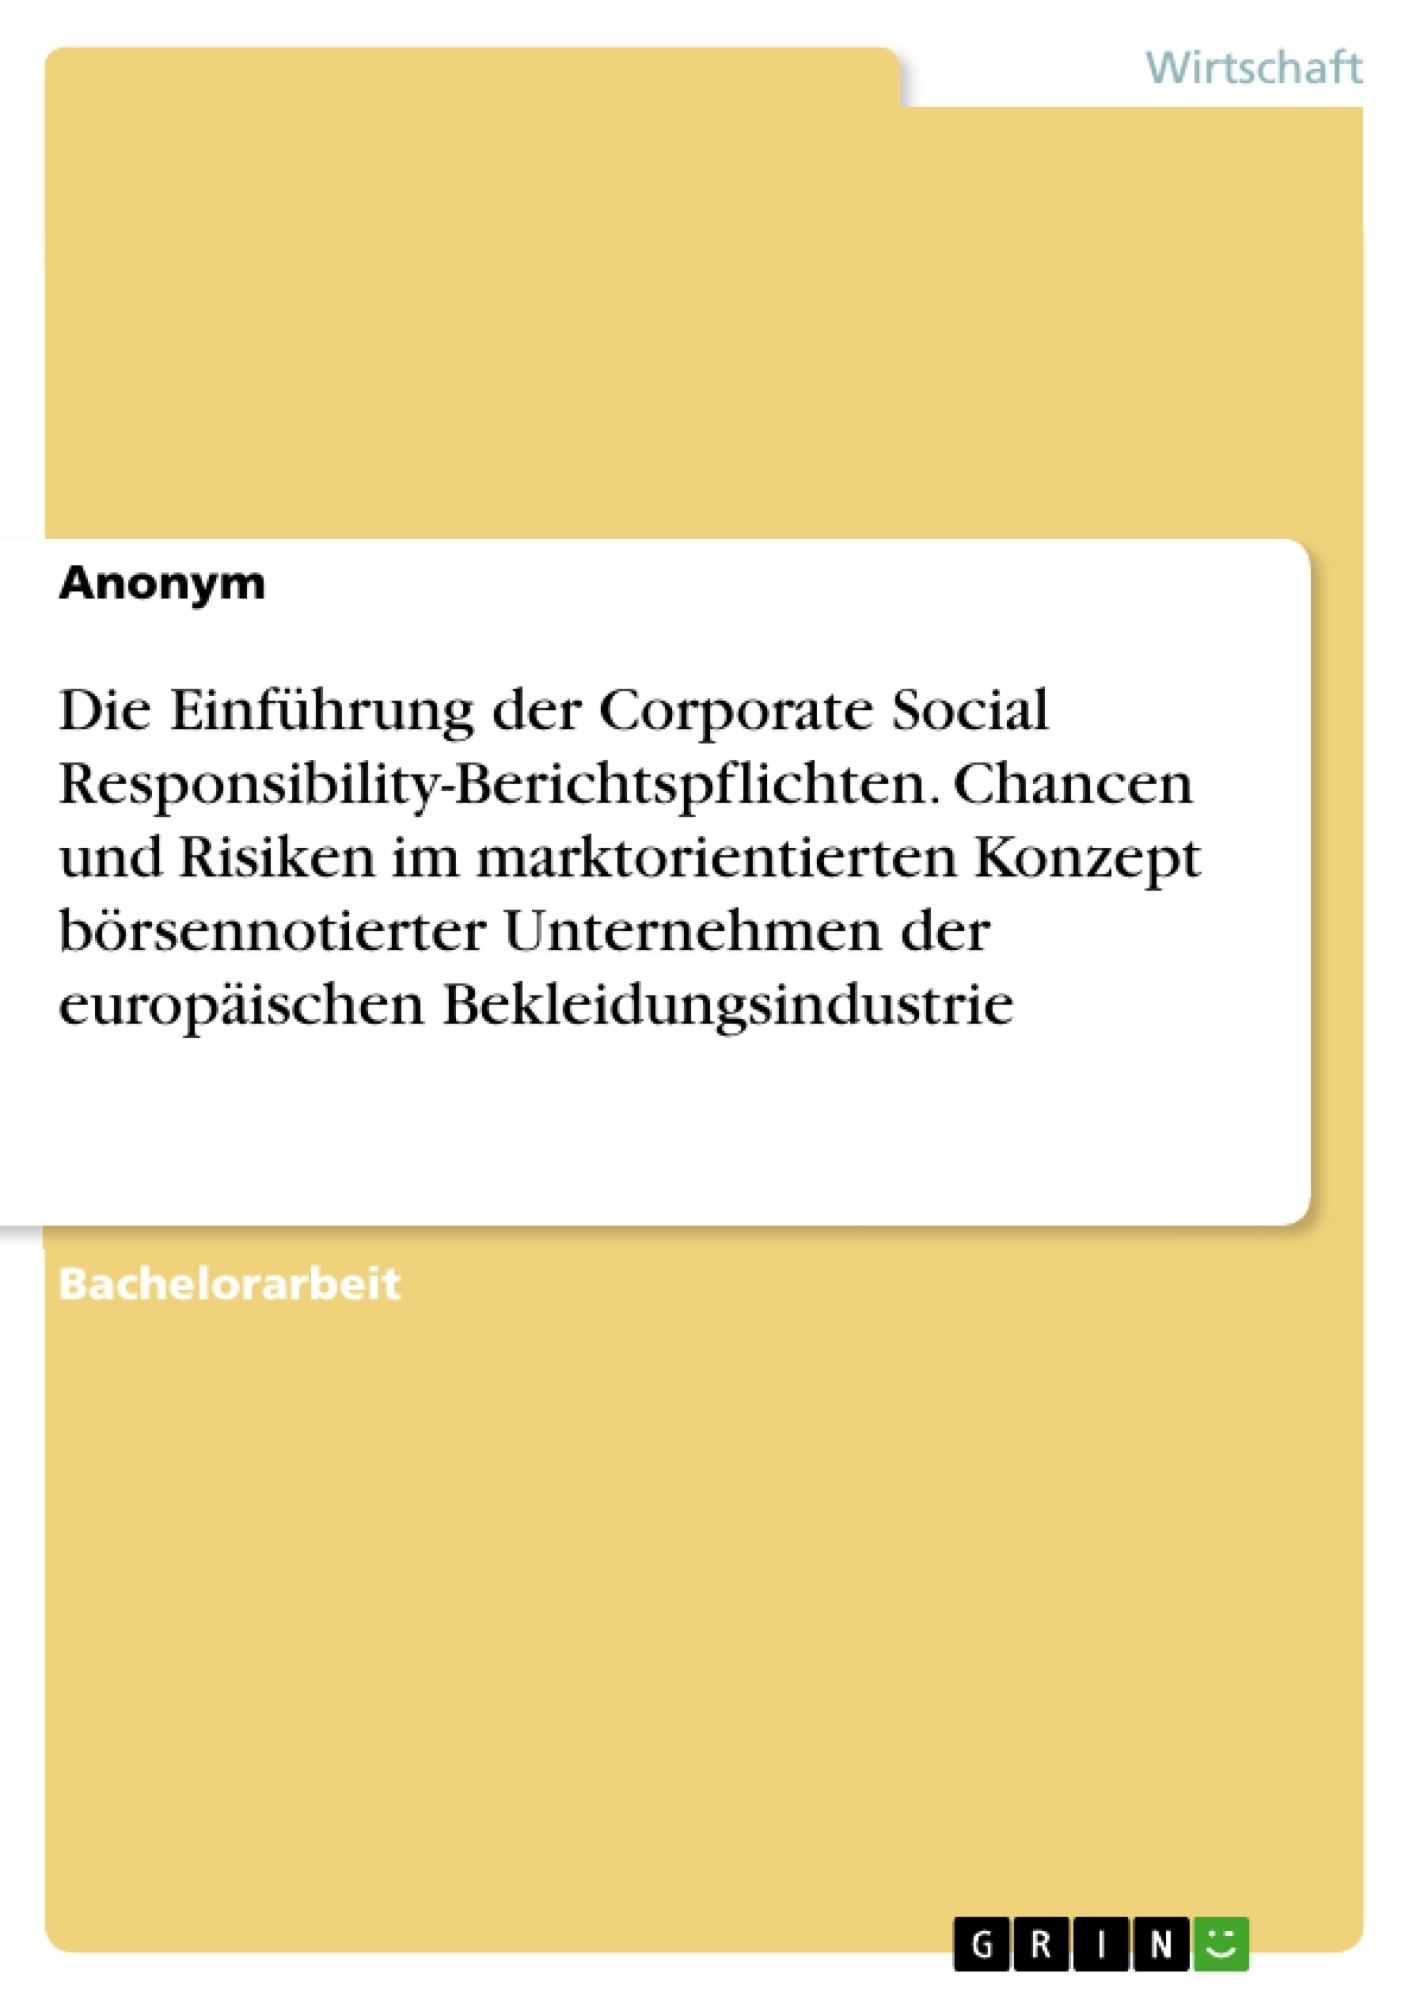 Titel: Die Einführung der Corporate Social Responsibility-Berichtspflichten. Chancen und Risiken im marktorientierten Konzept börsennotierter Unternehmen der europäischen Bekleidungsindustrie